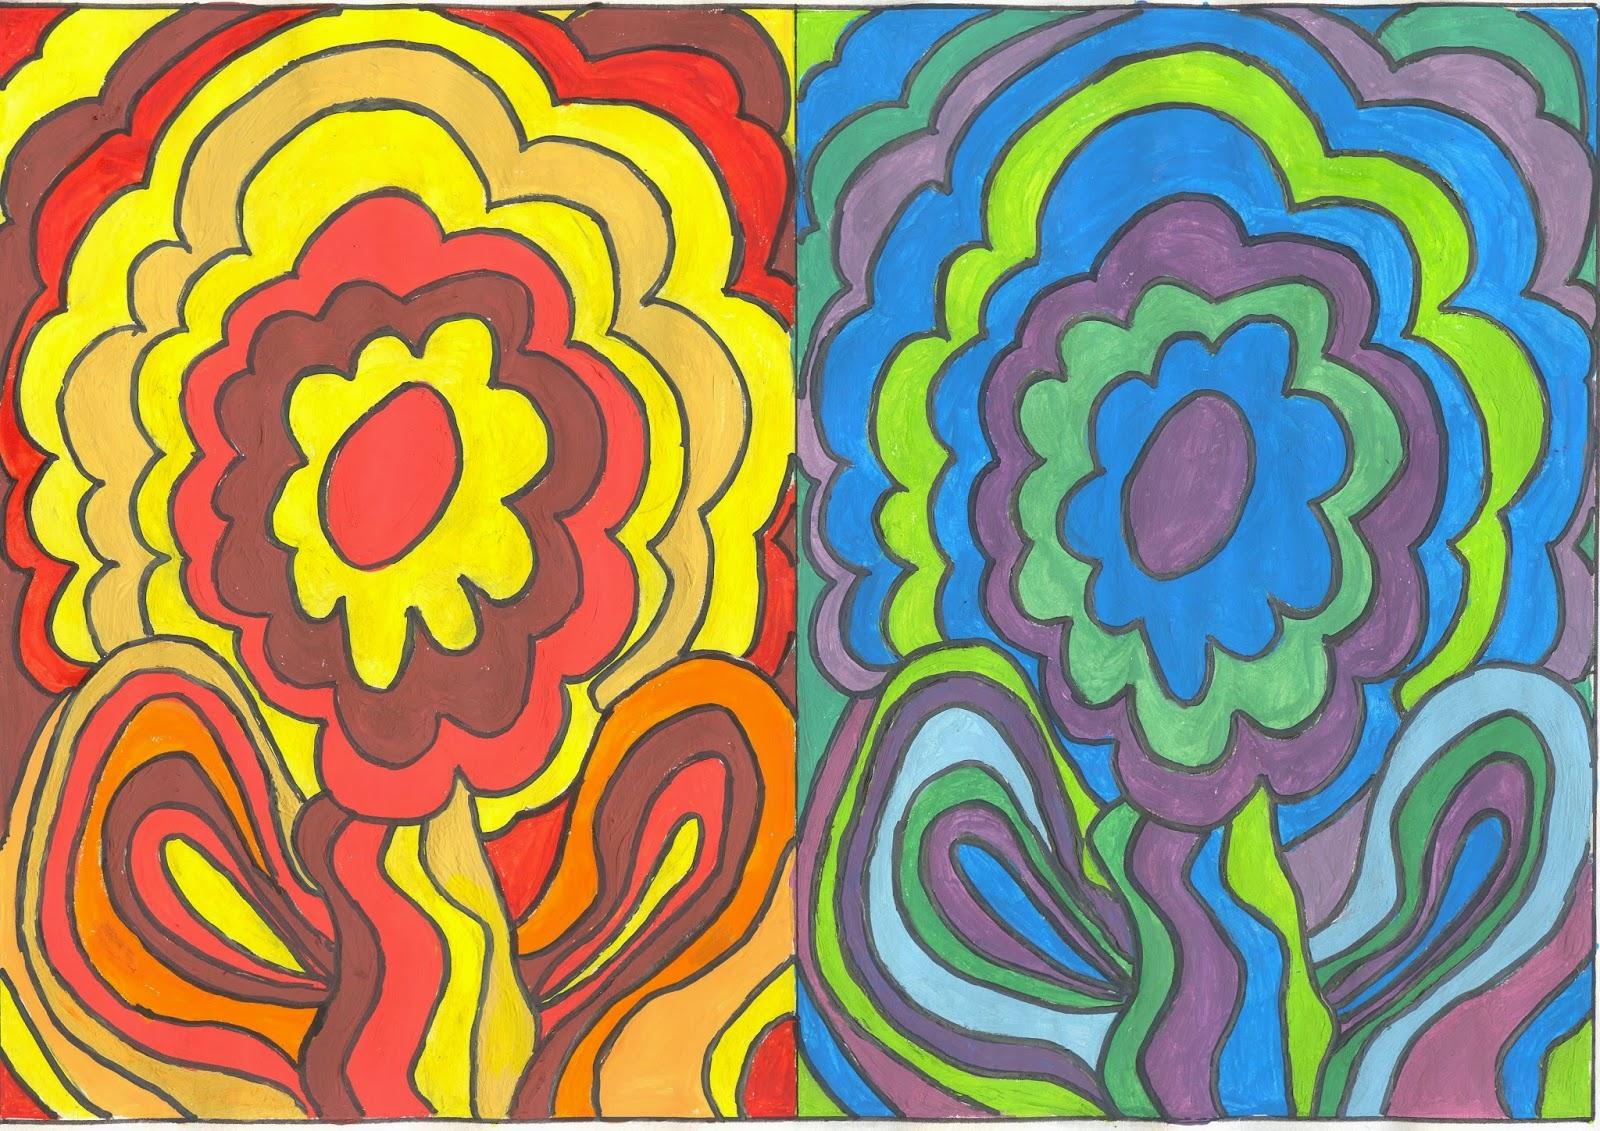 Ana nu o epv mayo 2015 - Colores frios y colores calidos ...